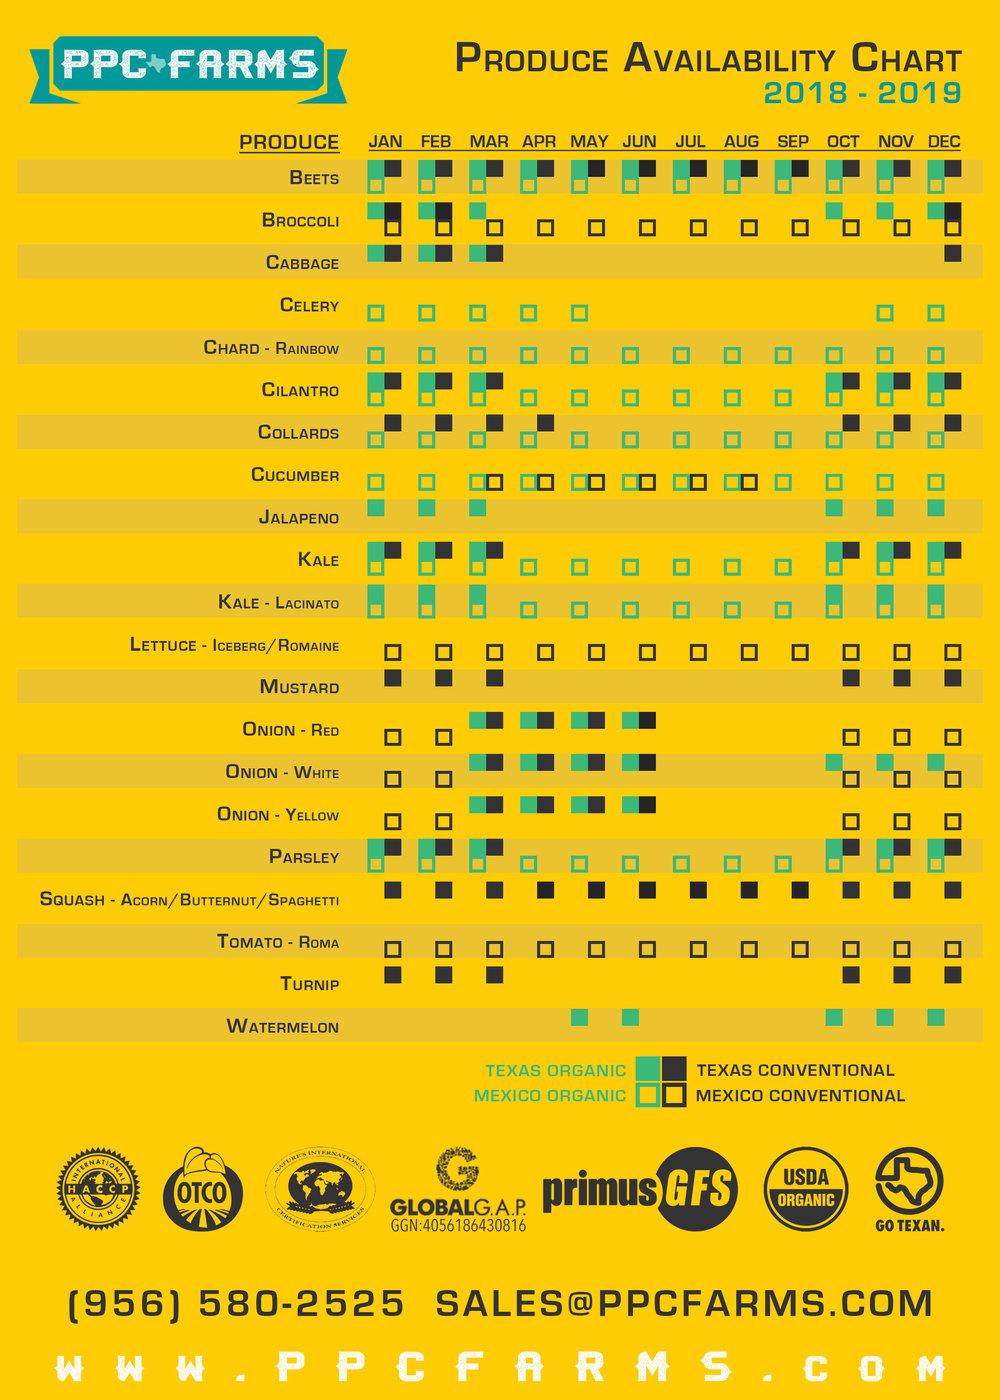 ProduceAvailability_2018_Yellow.jpg